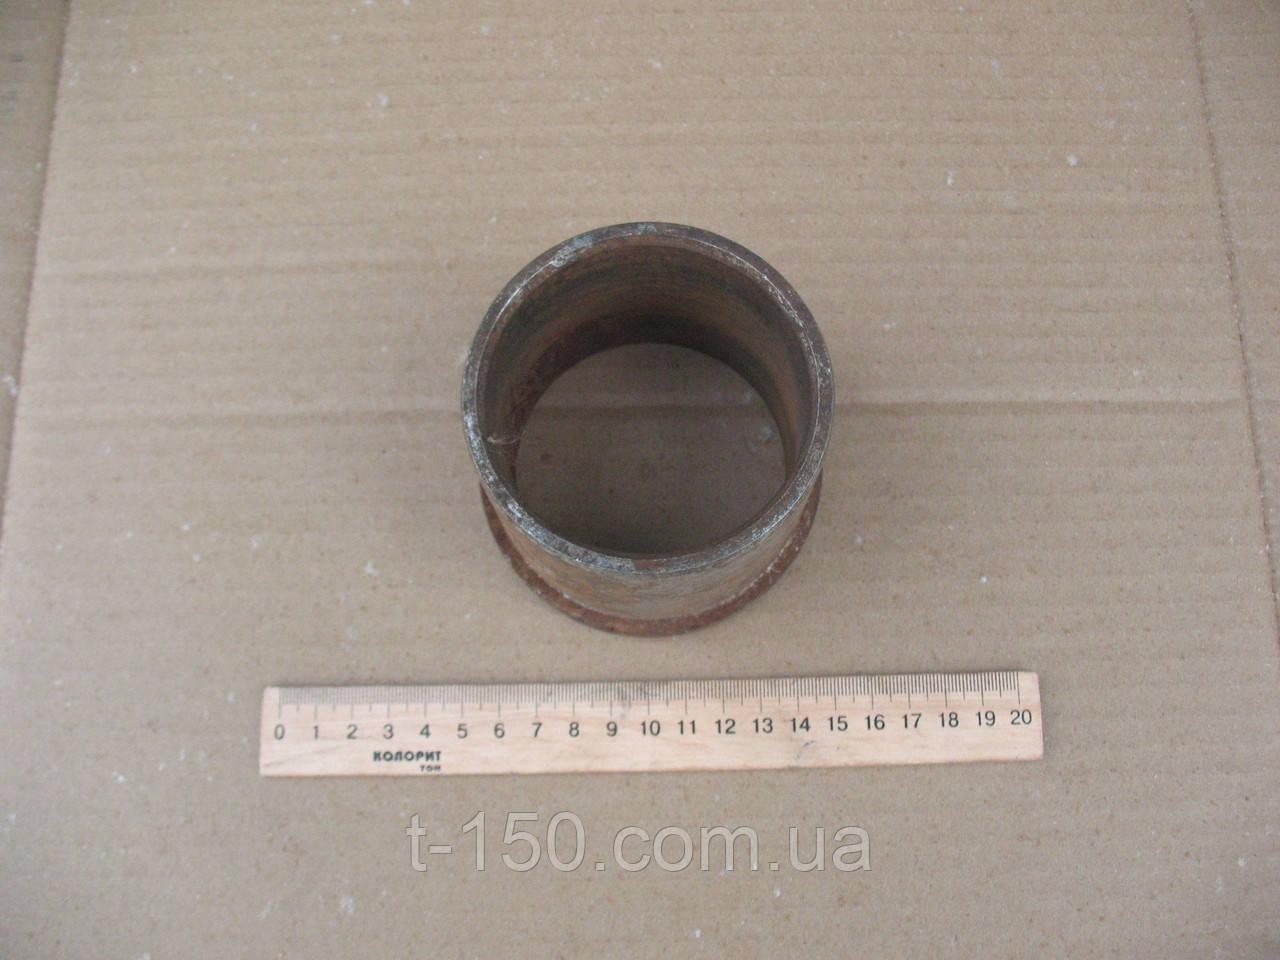 Втулка большая Т-150 (54.30.407)